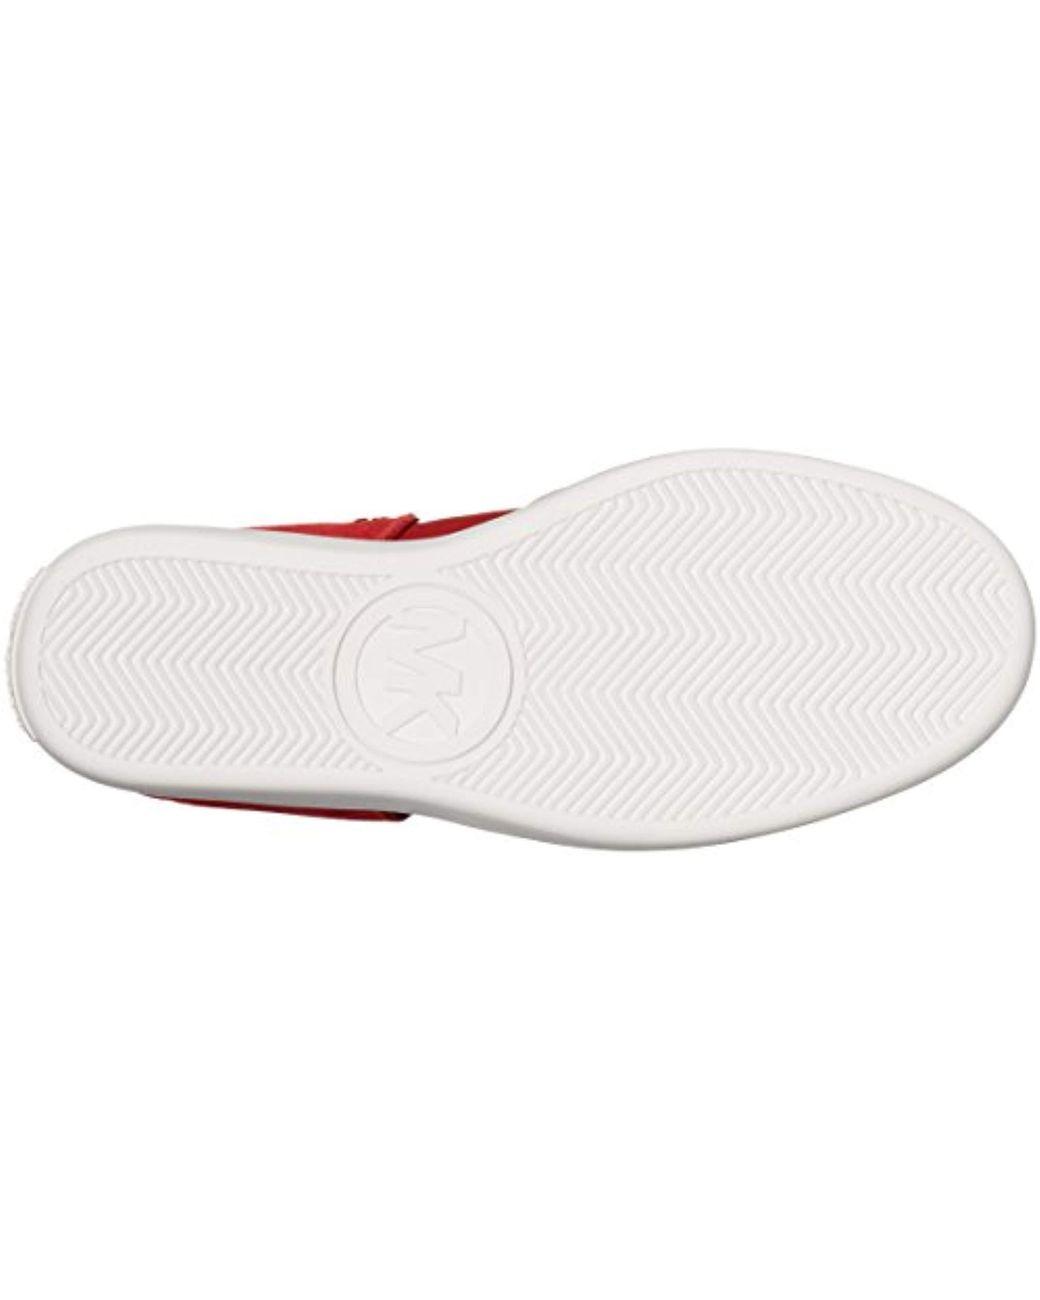 2ed5773b8e255 Women's Red Michael Nikko High-top Black Suprema Nappa Sport Sneaker